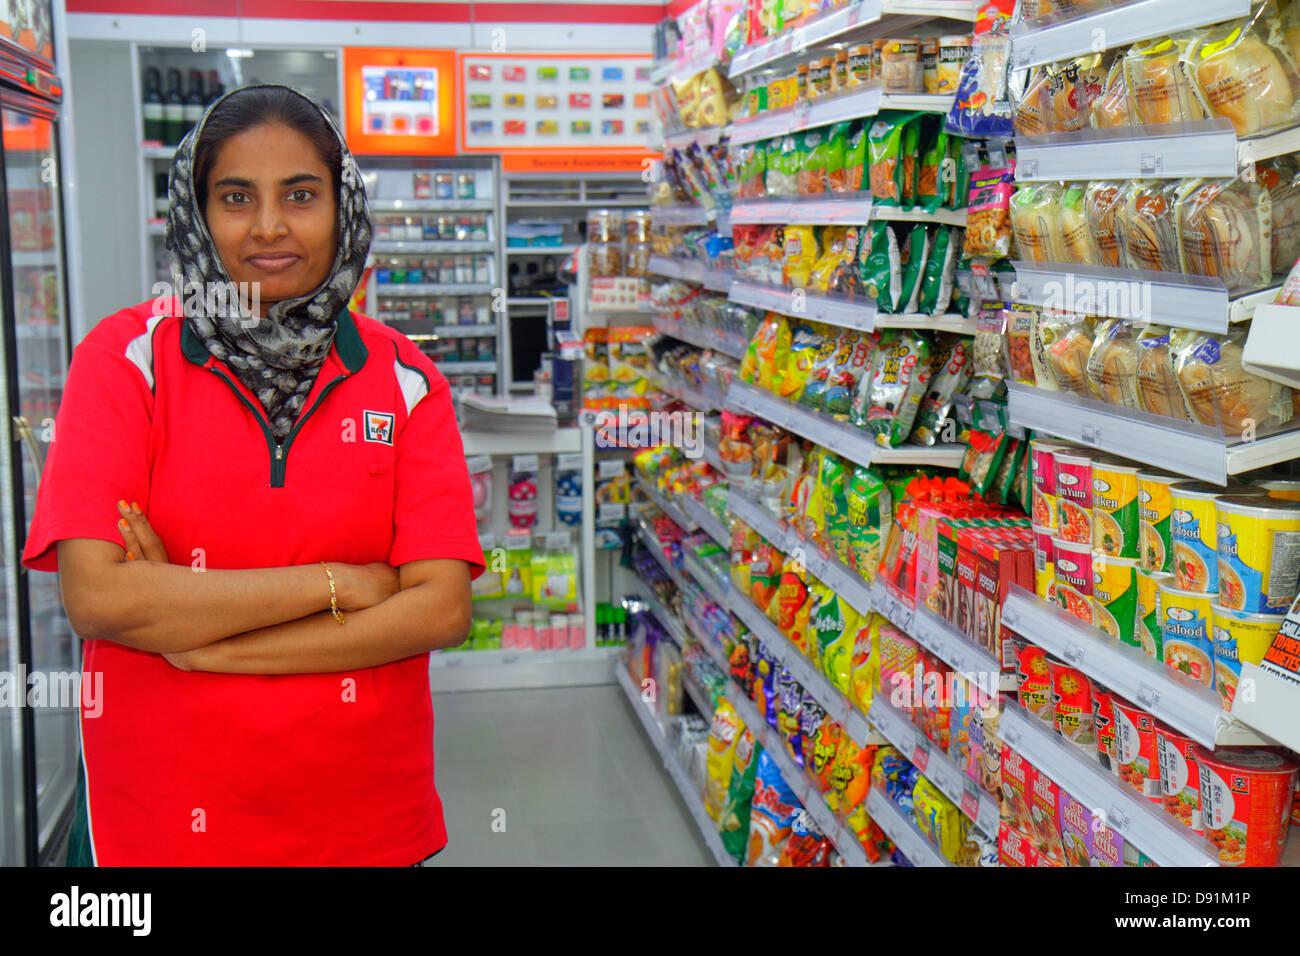 Singapour Kampong Glam quartier musulman arabe 7-Eleven store intérieur à l'intérieur d'affaires Photo Stock